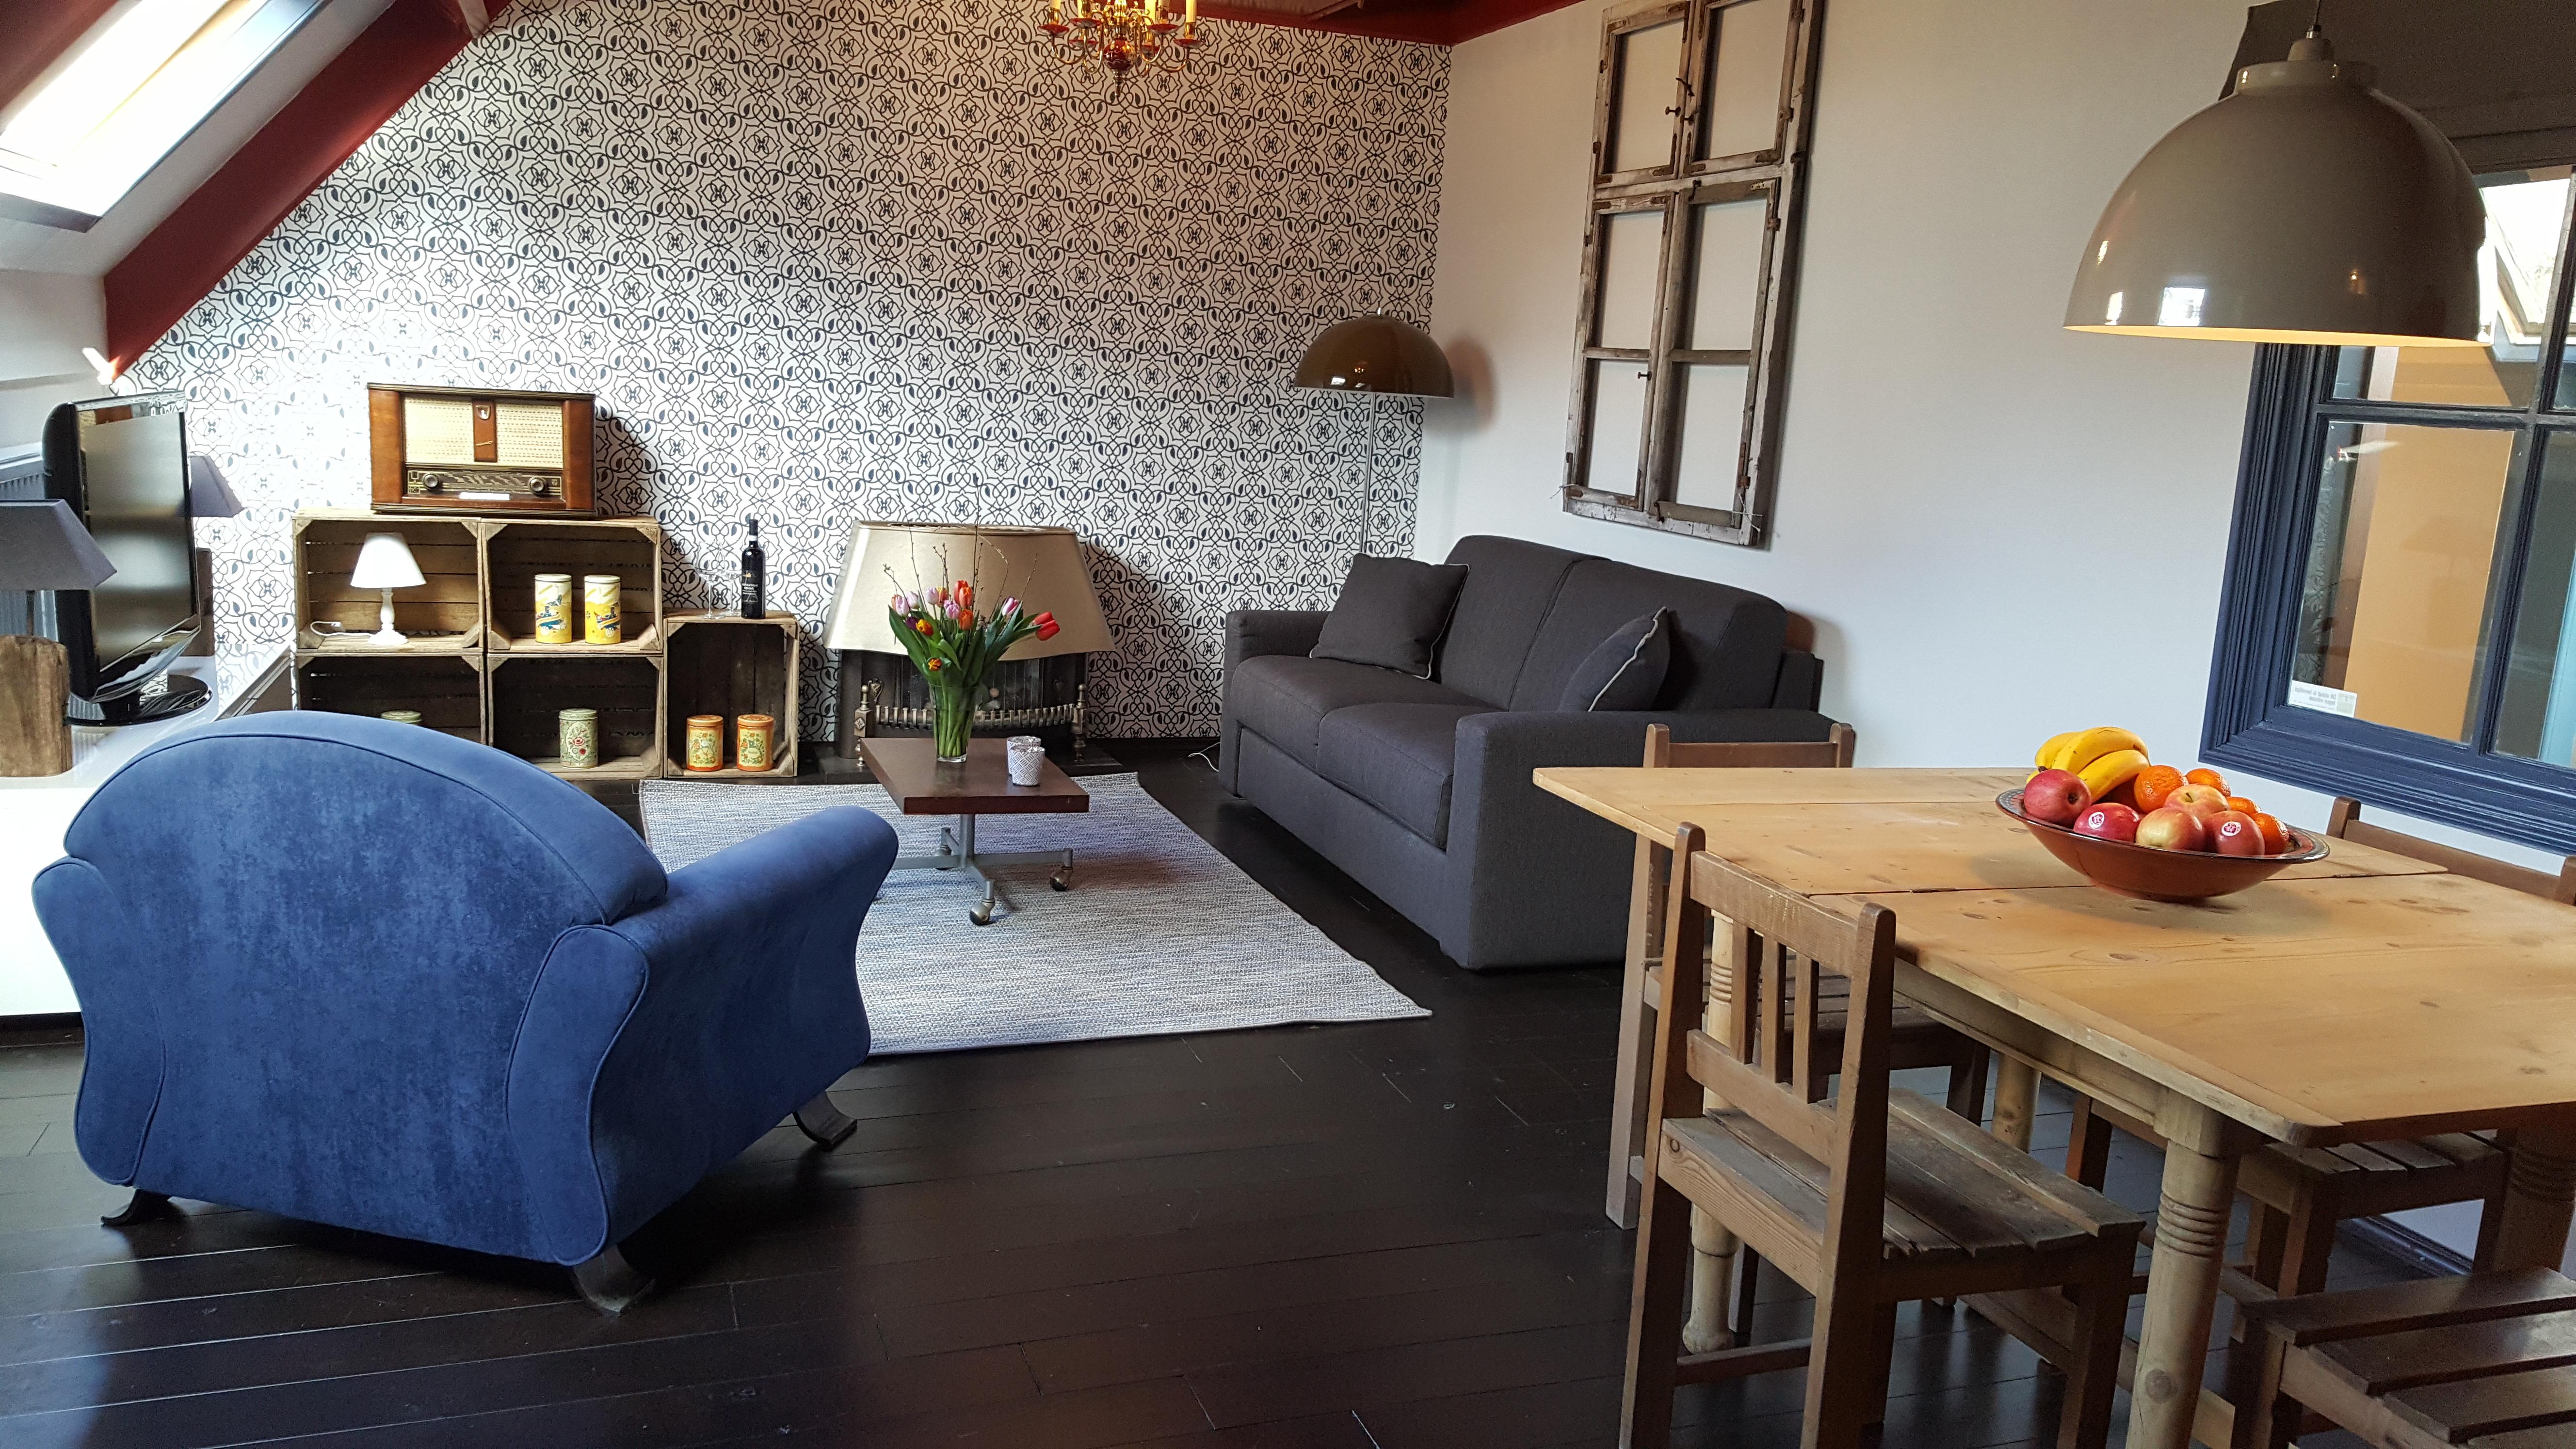 Kamer 1 B&B Lant van Beloften Vlissingen Zeeland Vakantiewoning Ferienwohnung Strand Bed and Breakfast